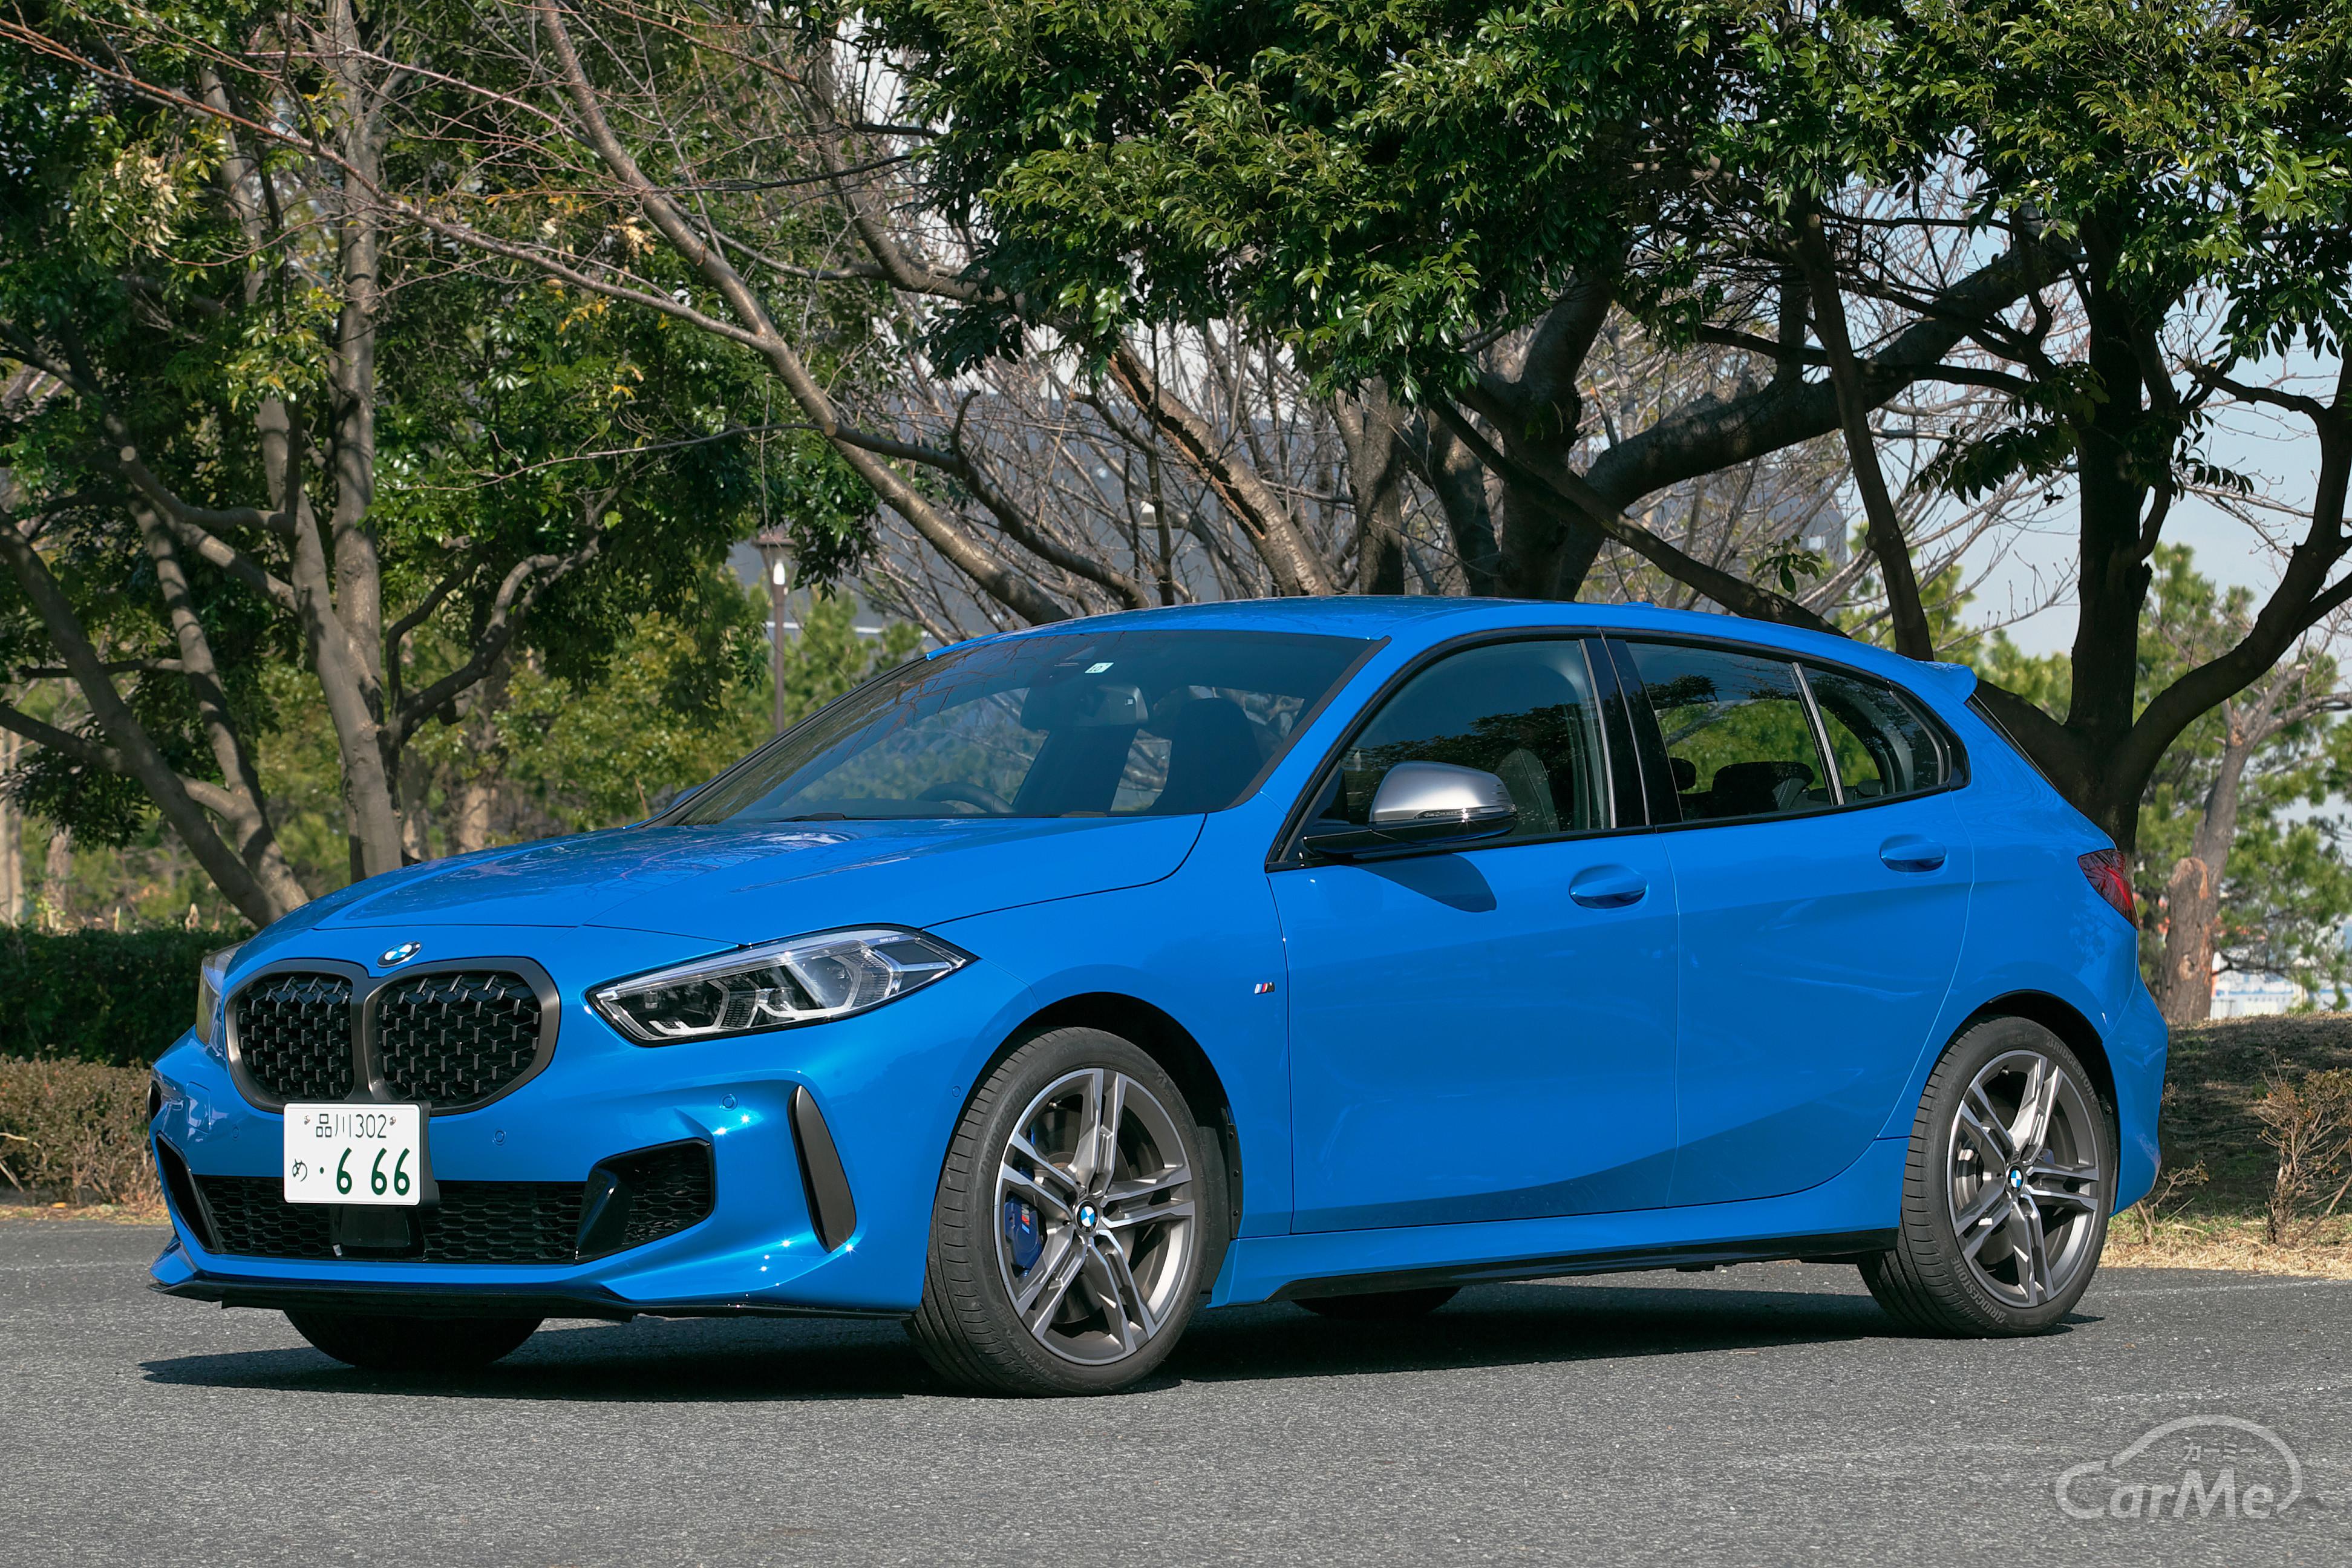 【プロ徹底解説】BMW M135i xDrive BMW伝統のキドニー・グリルを採用しつつ若々しく生まれ変わった新型1シリーズのデザインとは?